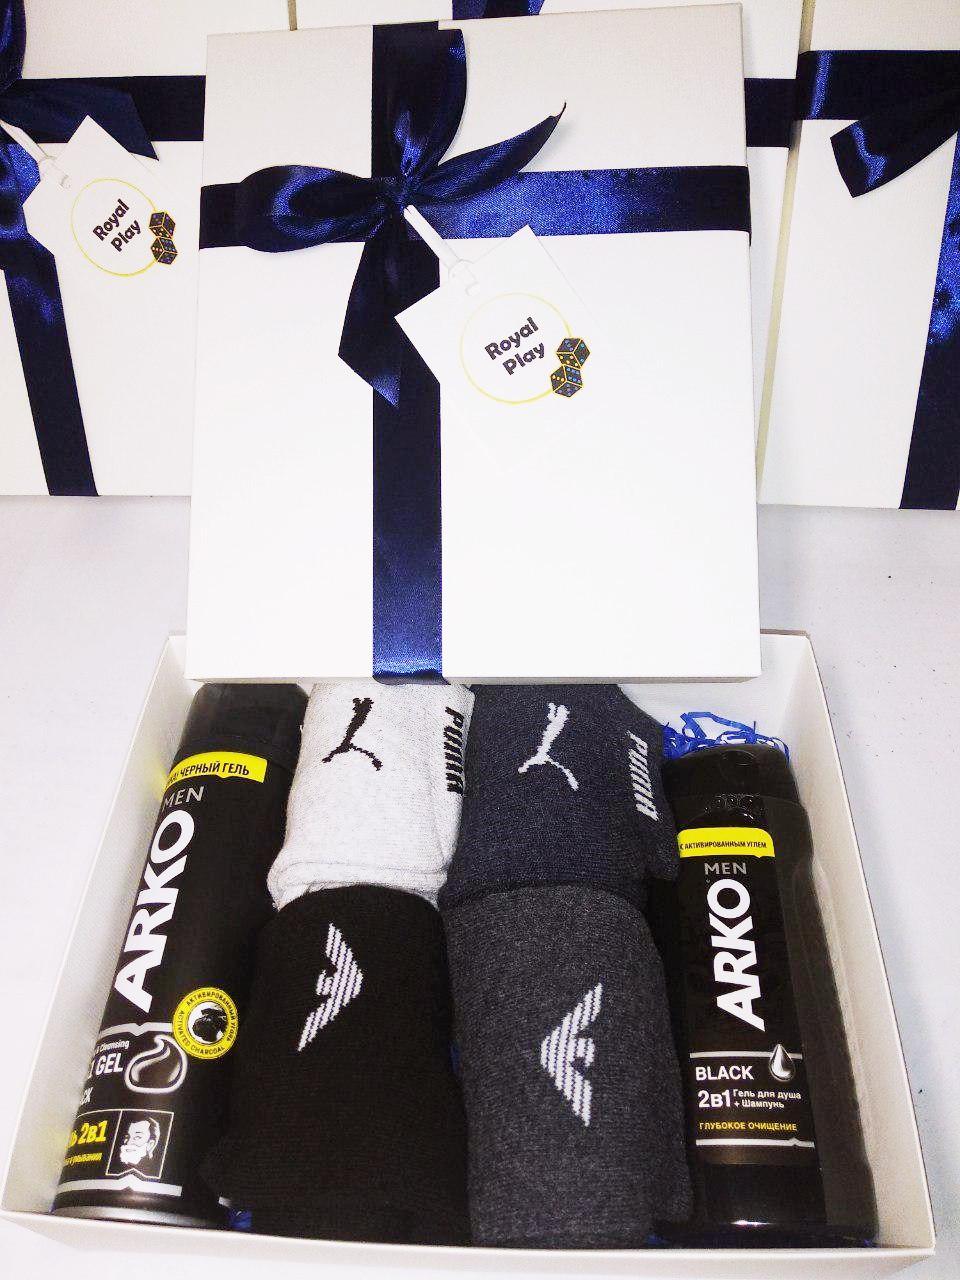 """Подарочный мужской набор """"Заботливый"""" от ROYAL PLAY (носки Армани 4 пары,набор для бритья Арко мен)"""